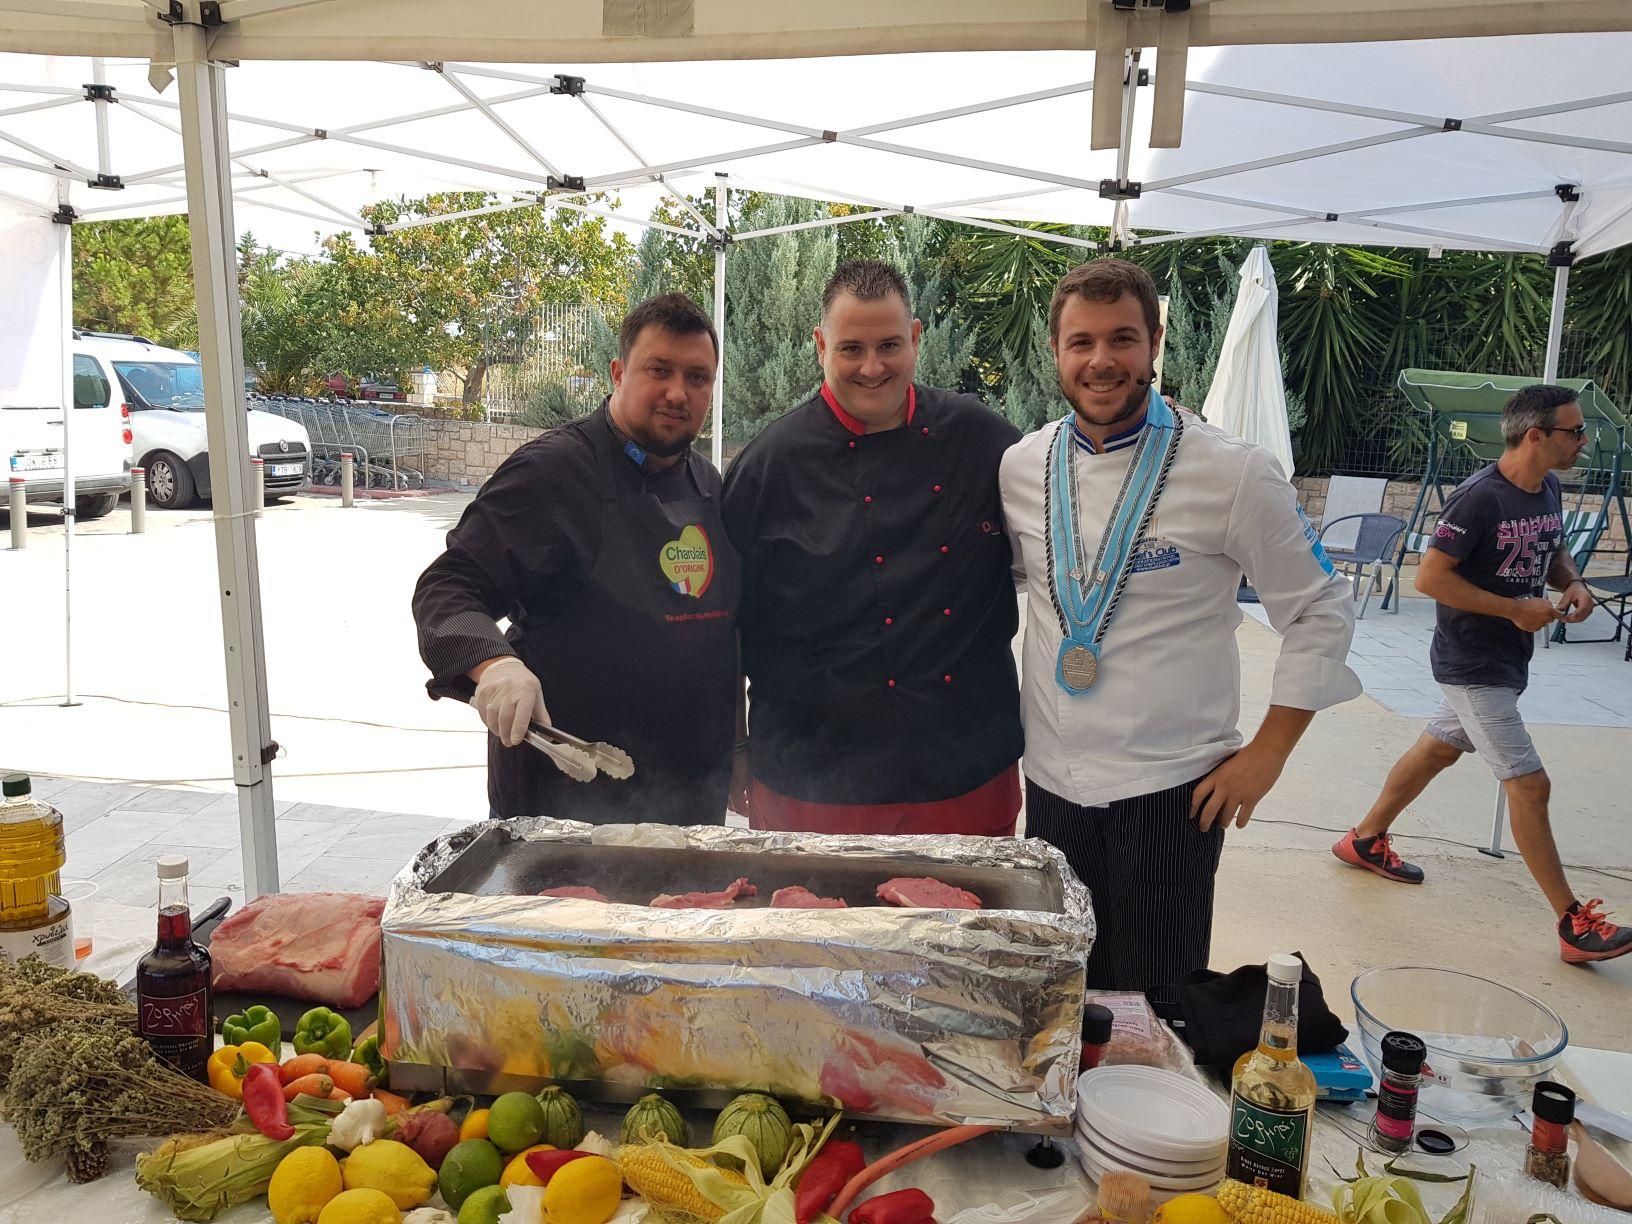 Γευσιγνωσία του Μοσχαρίσιου Κρέατος Charolais D' ORIGINE στο super market ΚΡΗΤΙΚΟΣ στο νησί της Αίγινας!